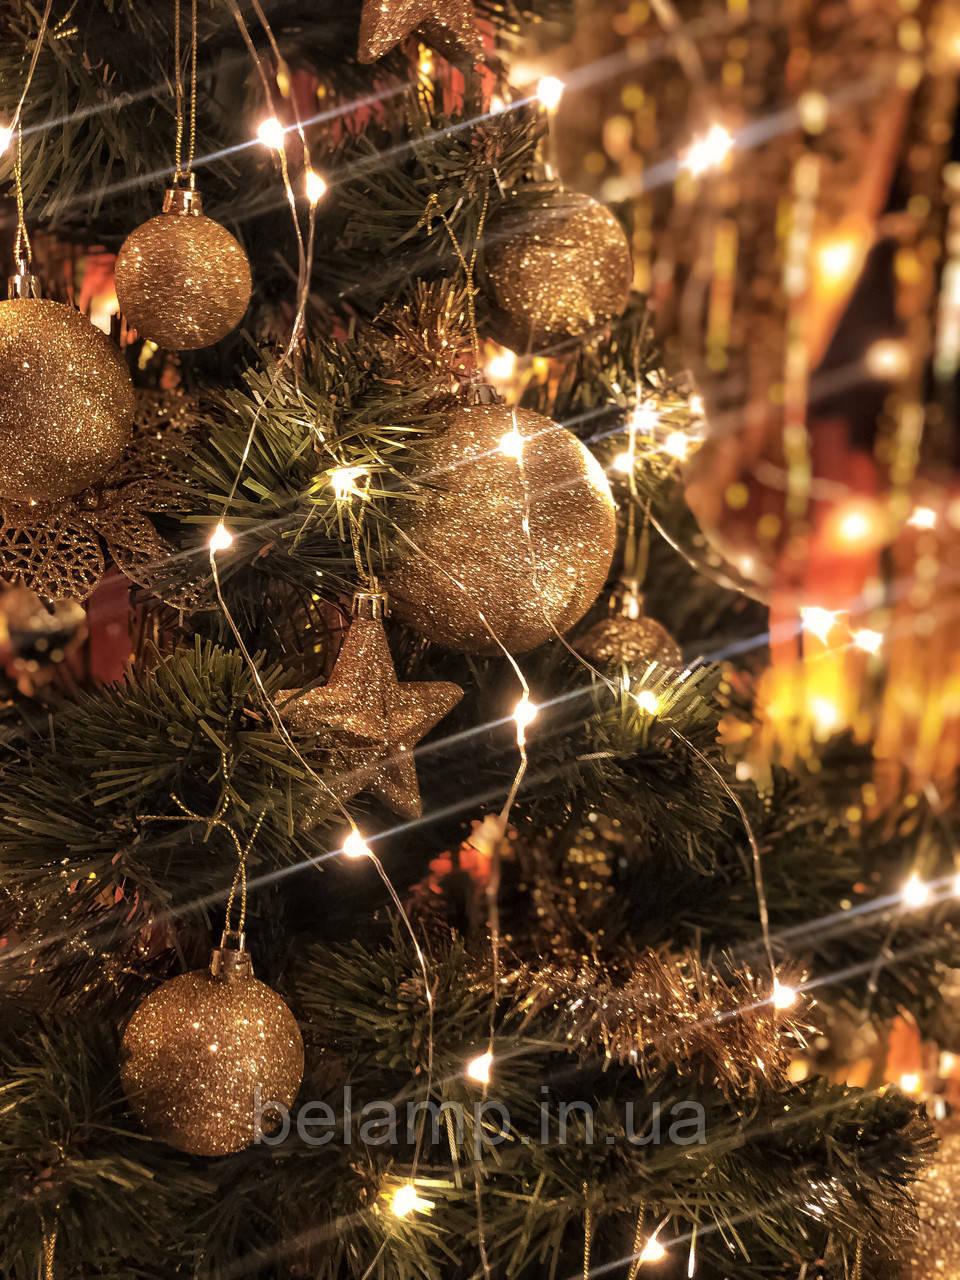 Новогодняя гирлянда на елку конский хвост «Тёплые огни»